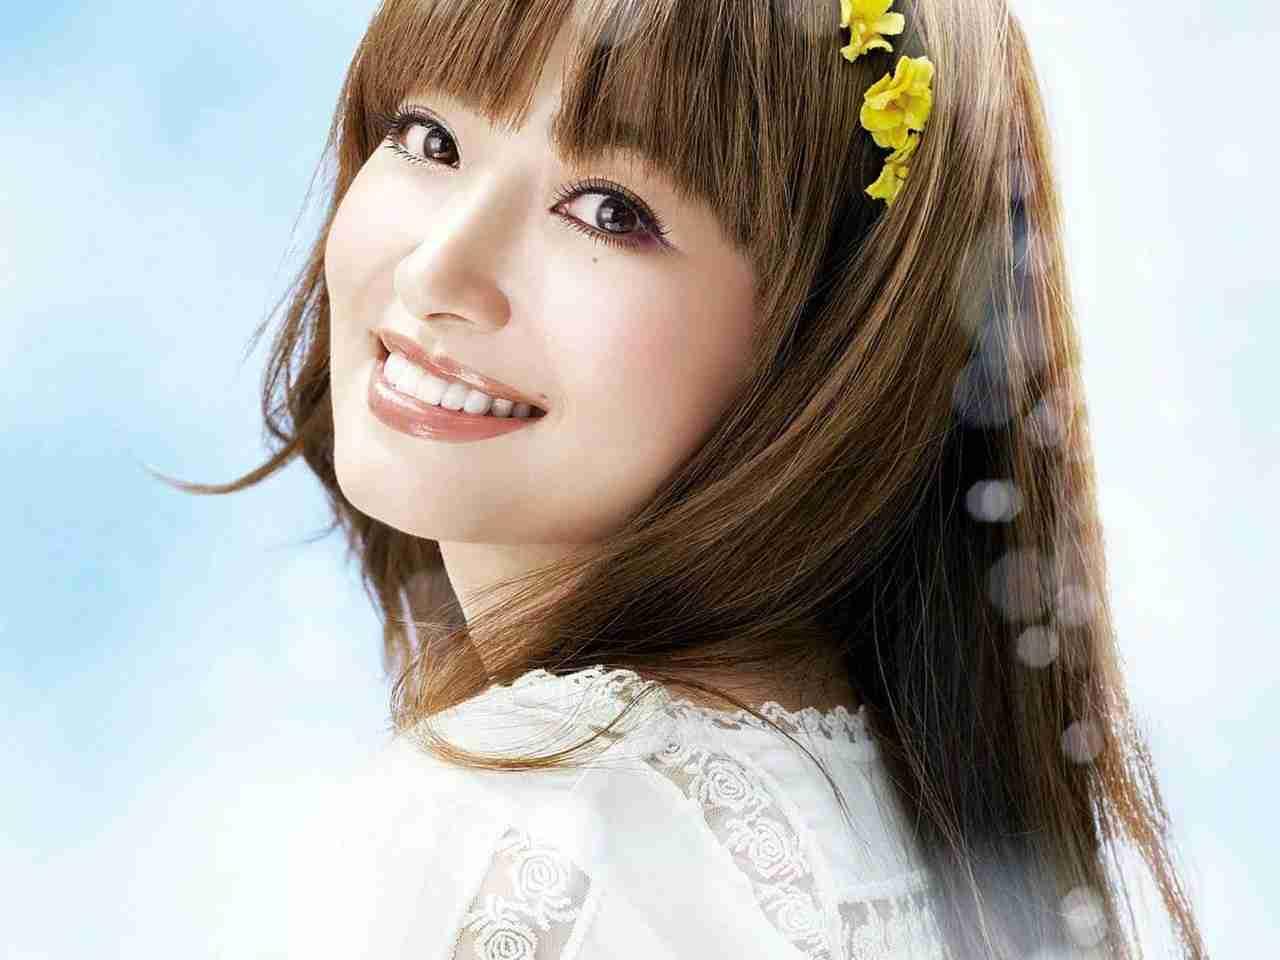 「スッキリ!!」に出演した平子理沙さんの顔が変わったとネットで話題に。